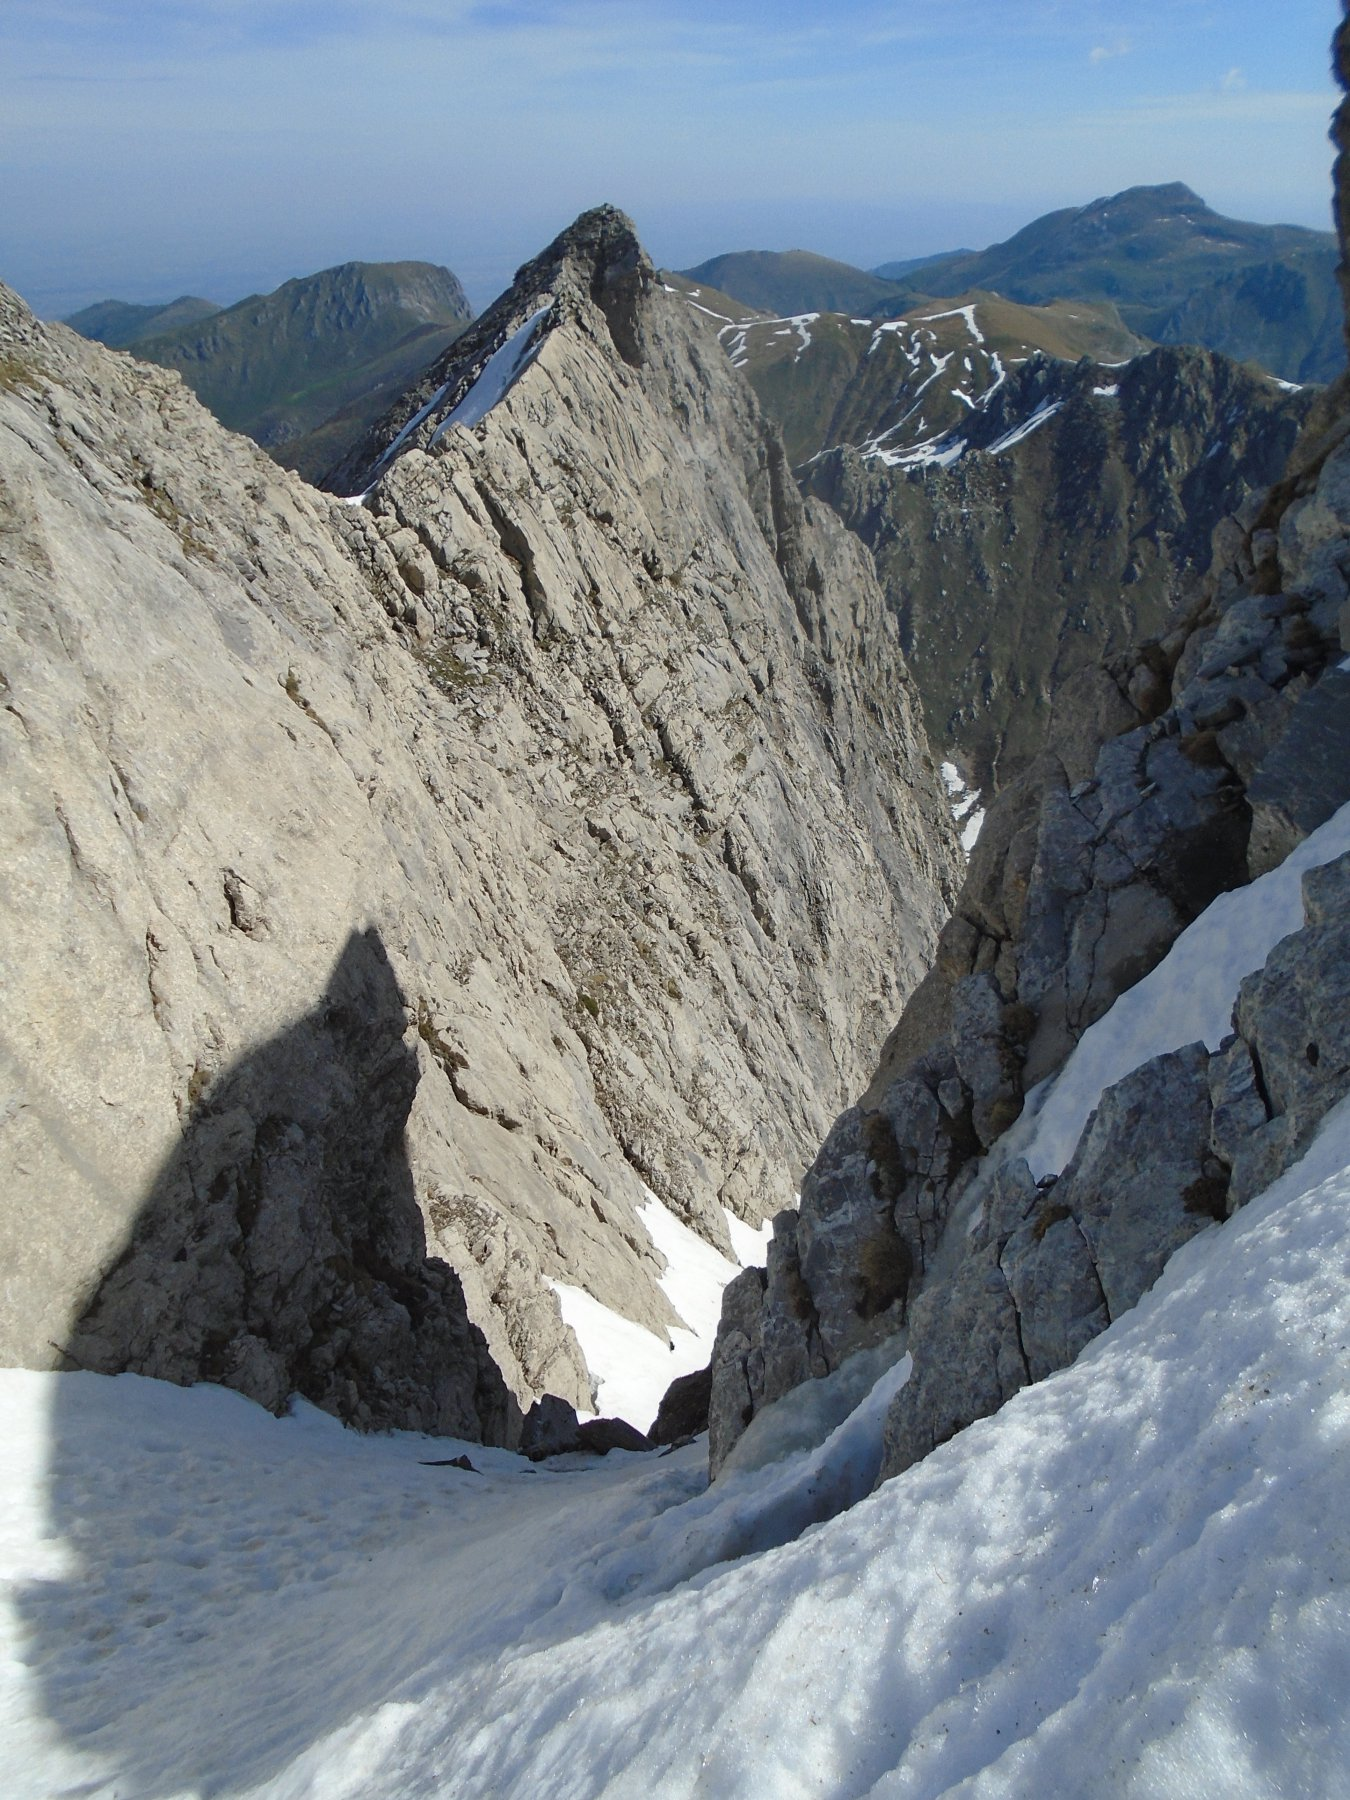 La strettoia, con masso al centro, vista dall'uscita